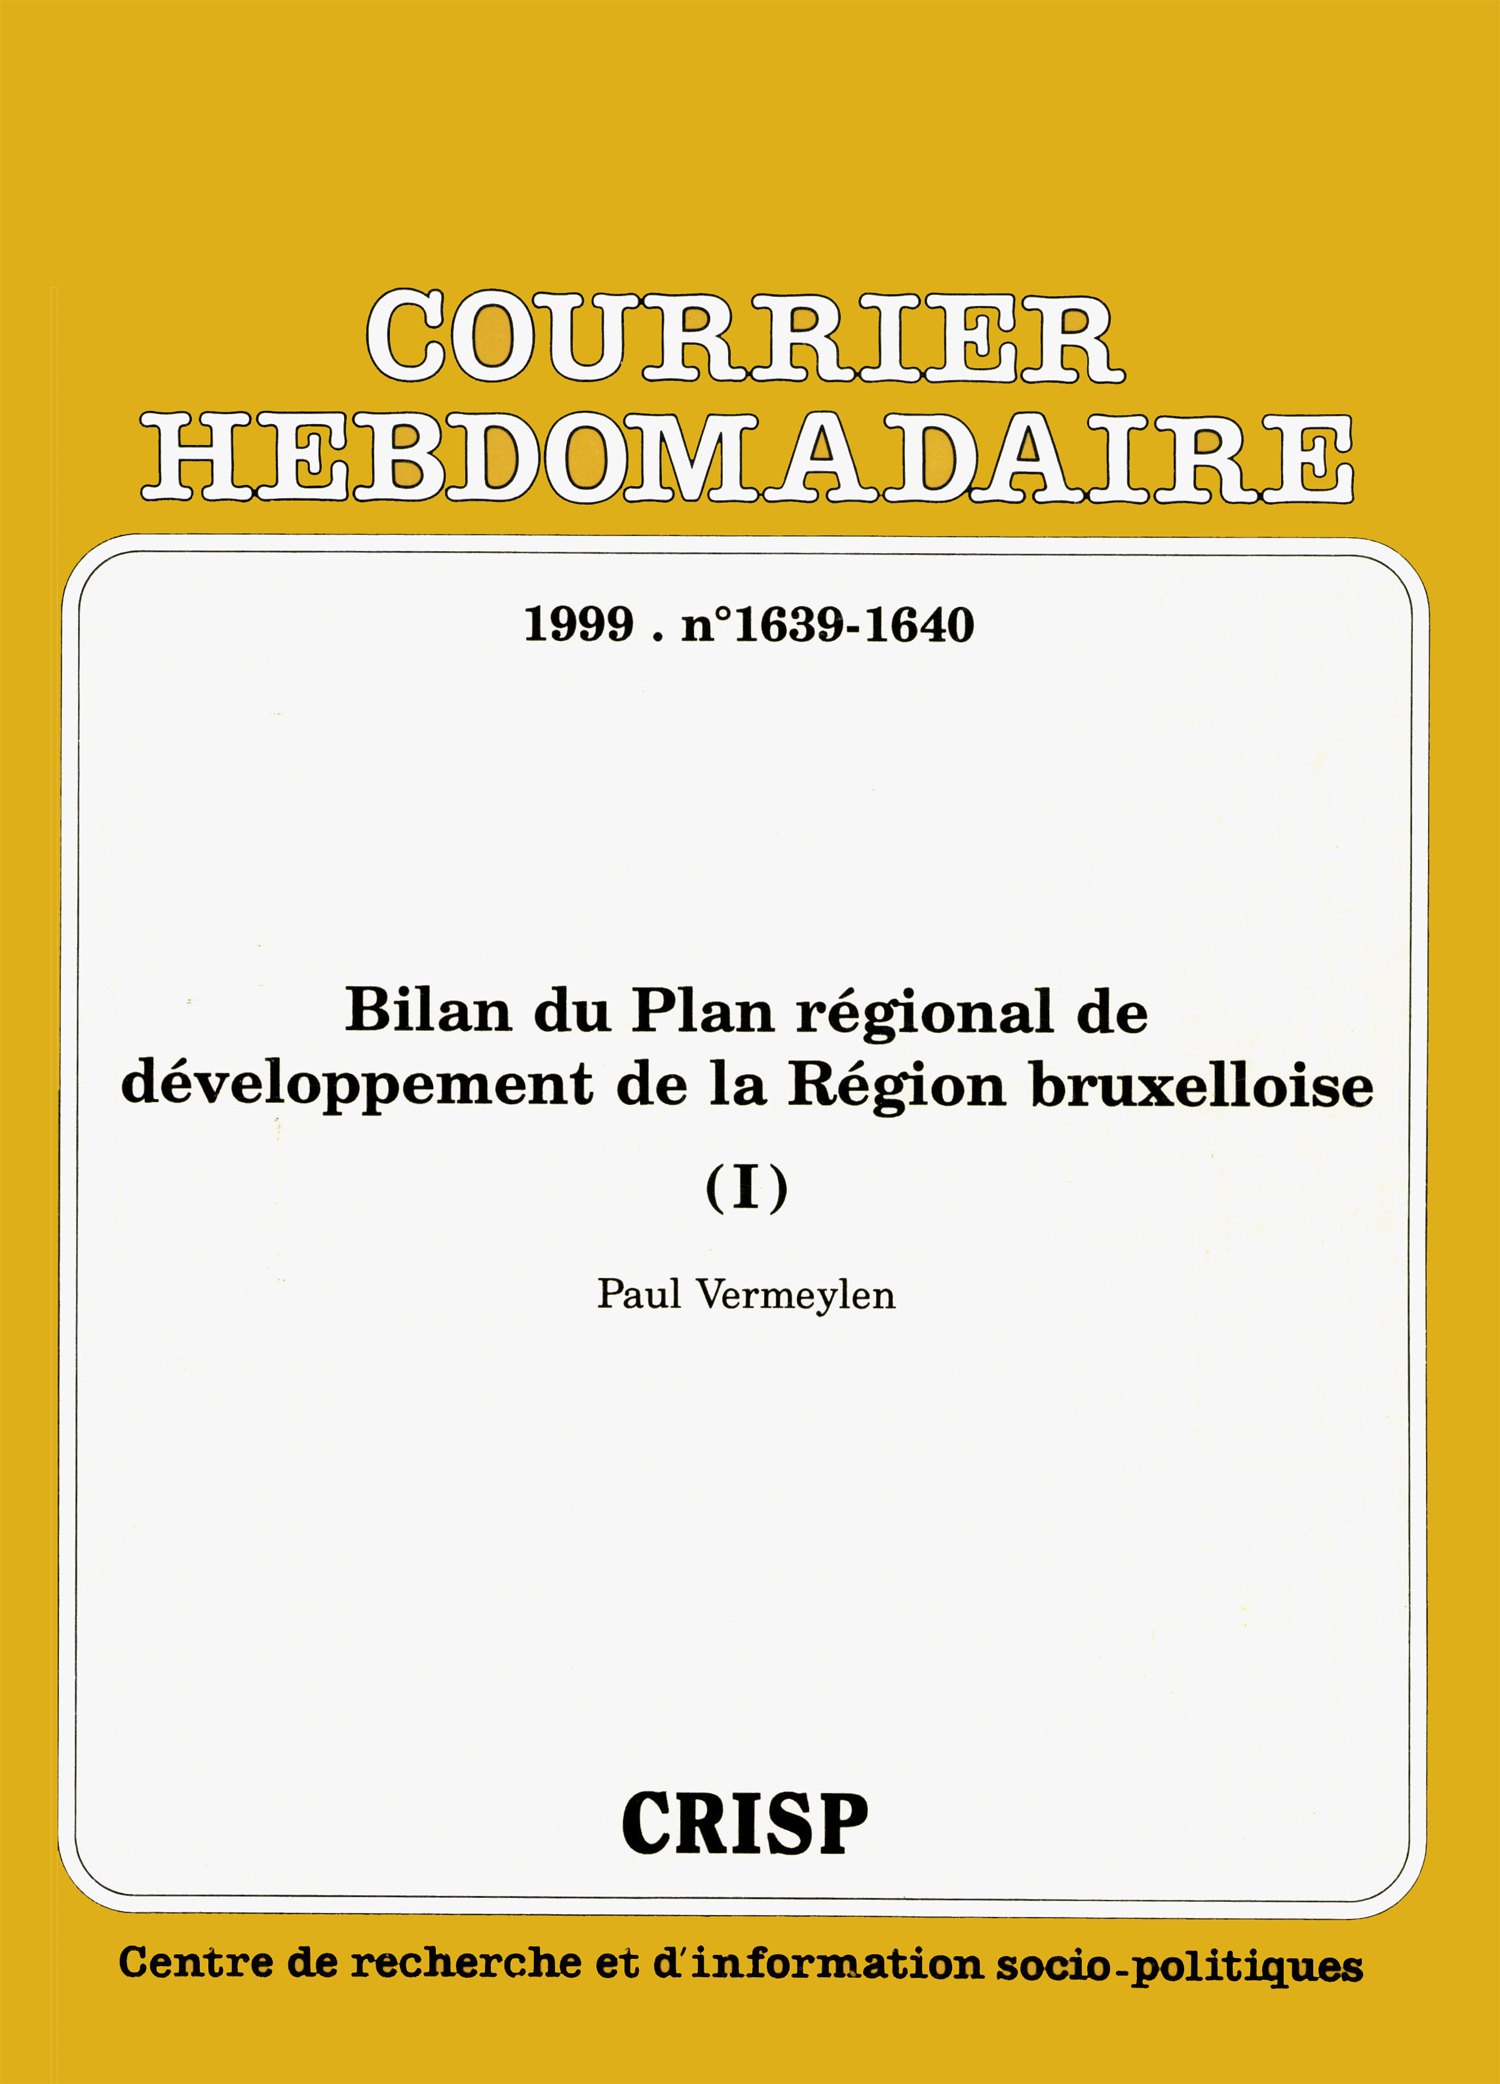 rencontre régionale des acteurs de la solidarité antwerpen